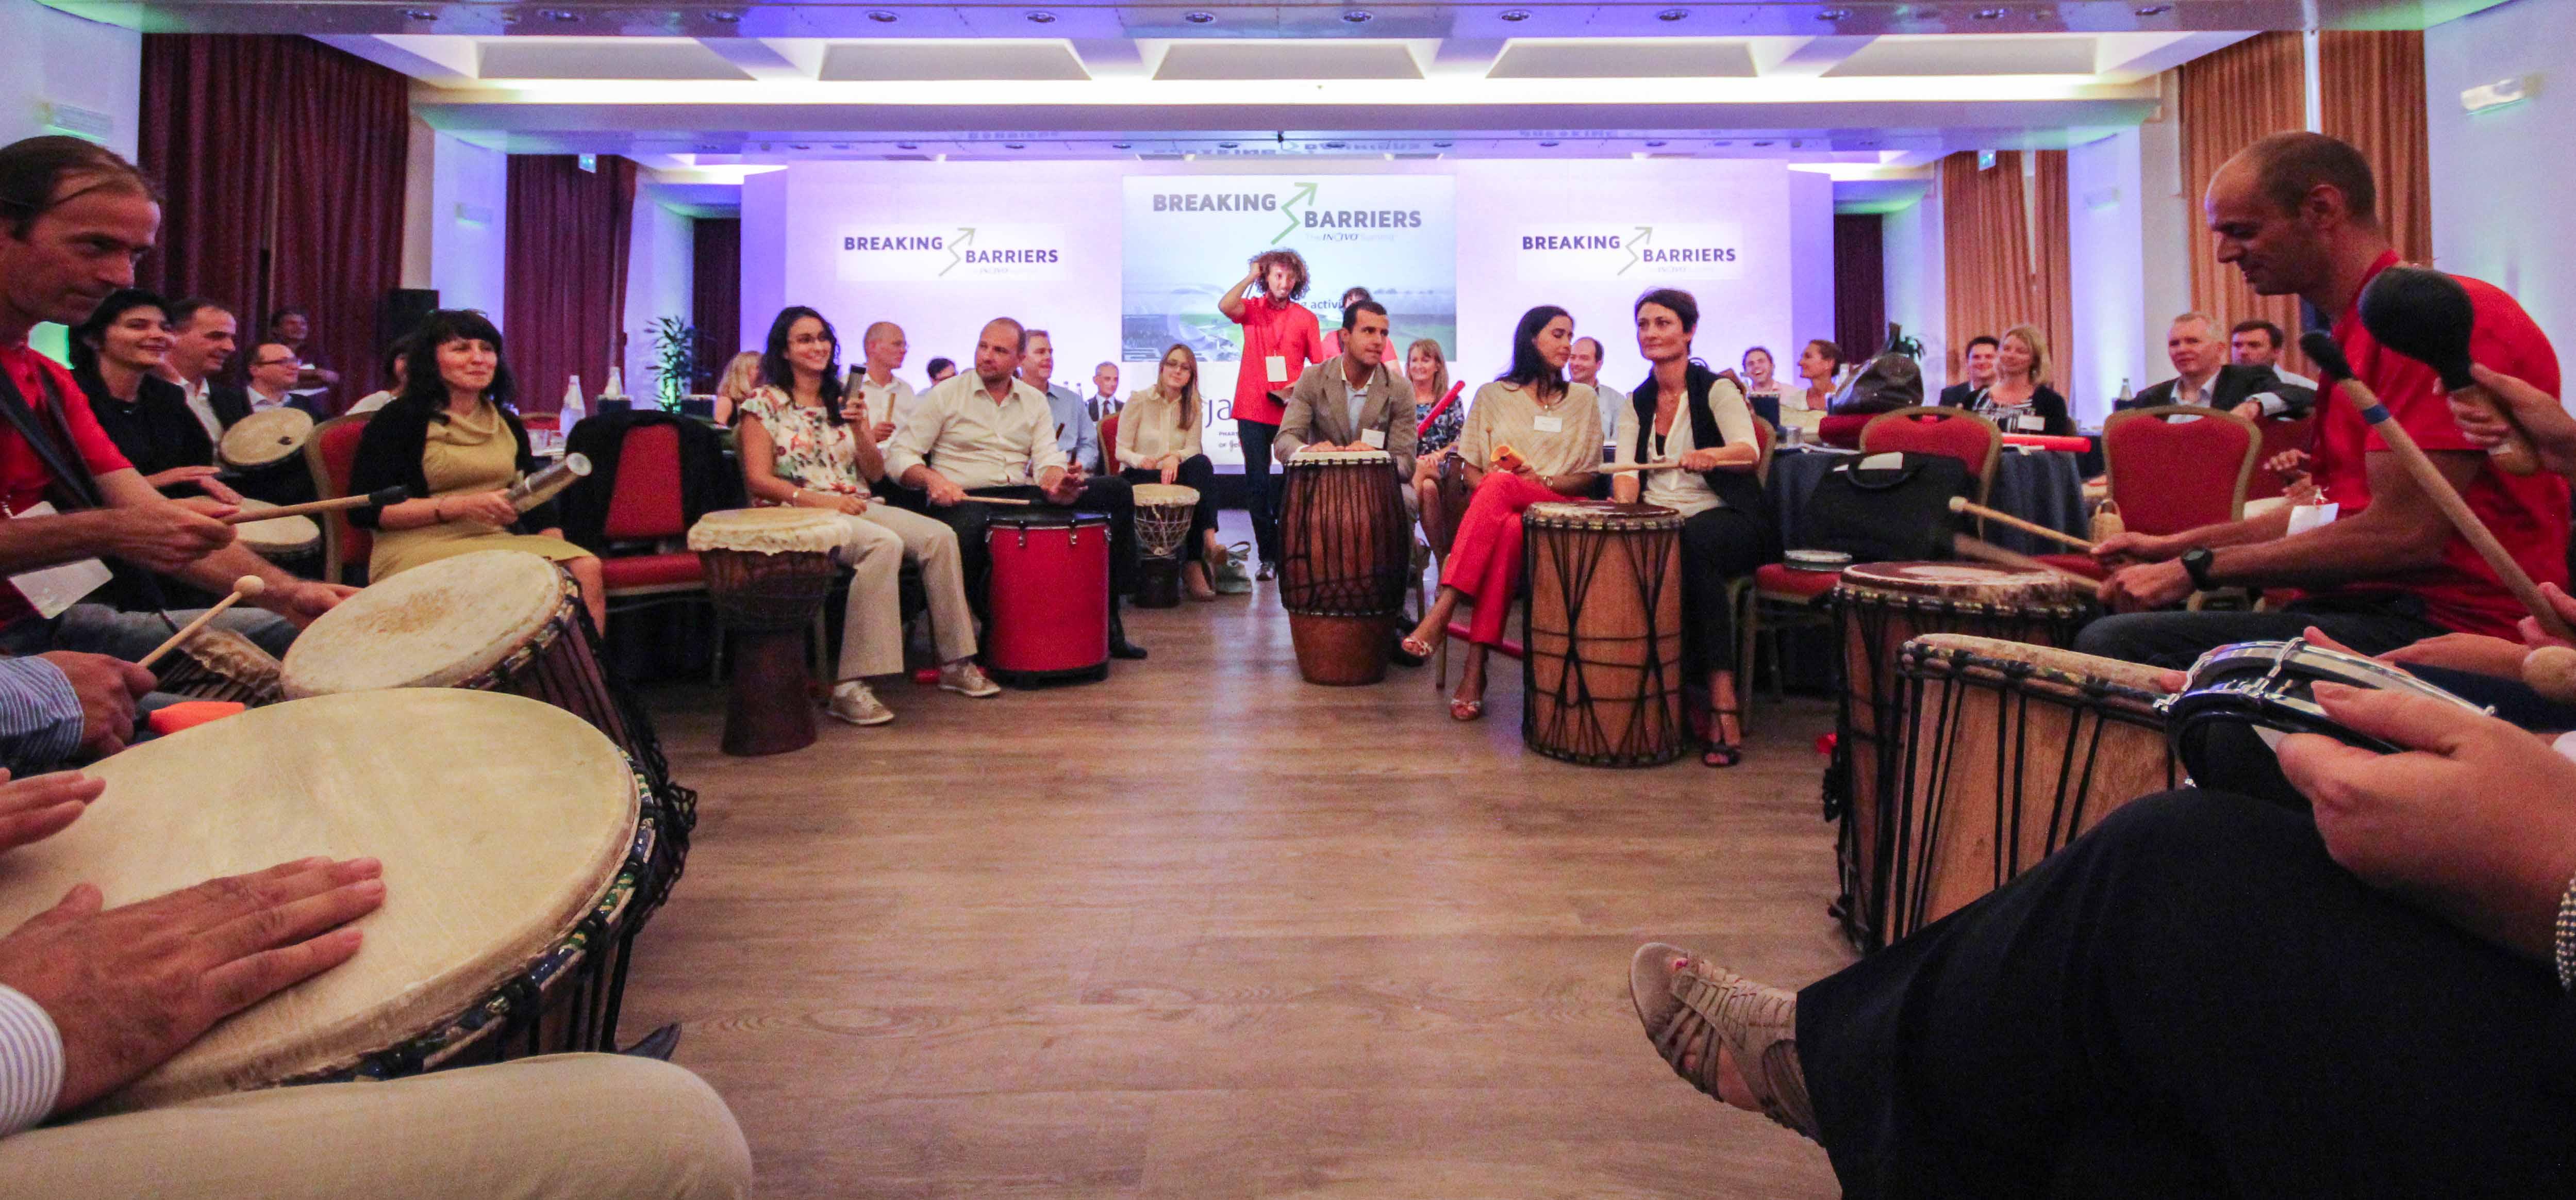 Team Building di Natale con Drum Circle o Boomwhackers per Calvin Klein, Grandi Salumifici Italiani e Dyson